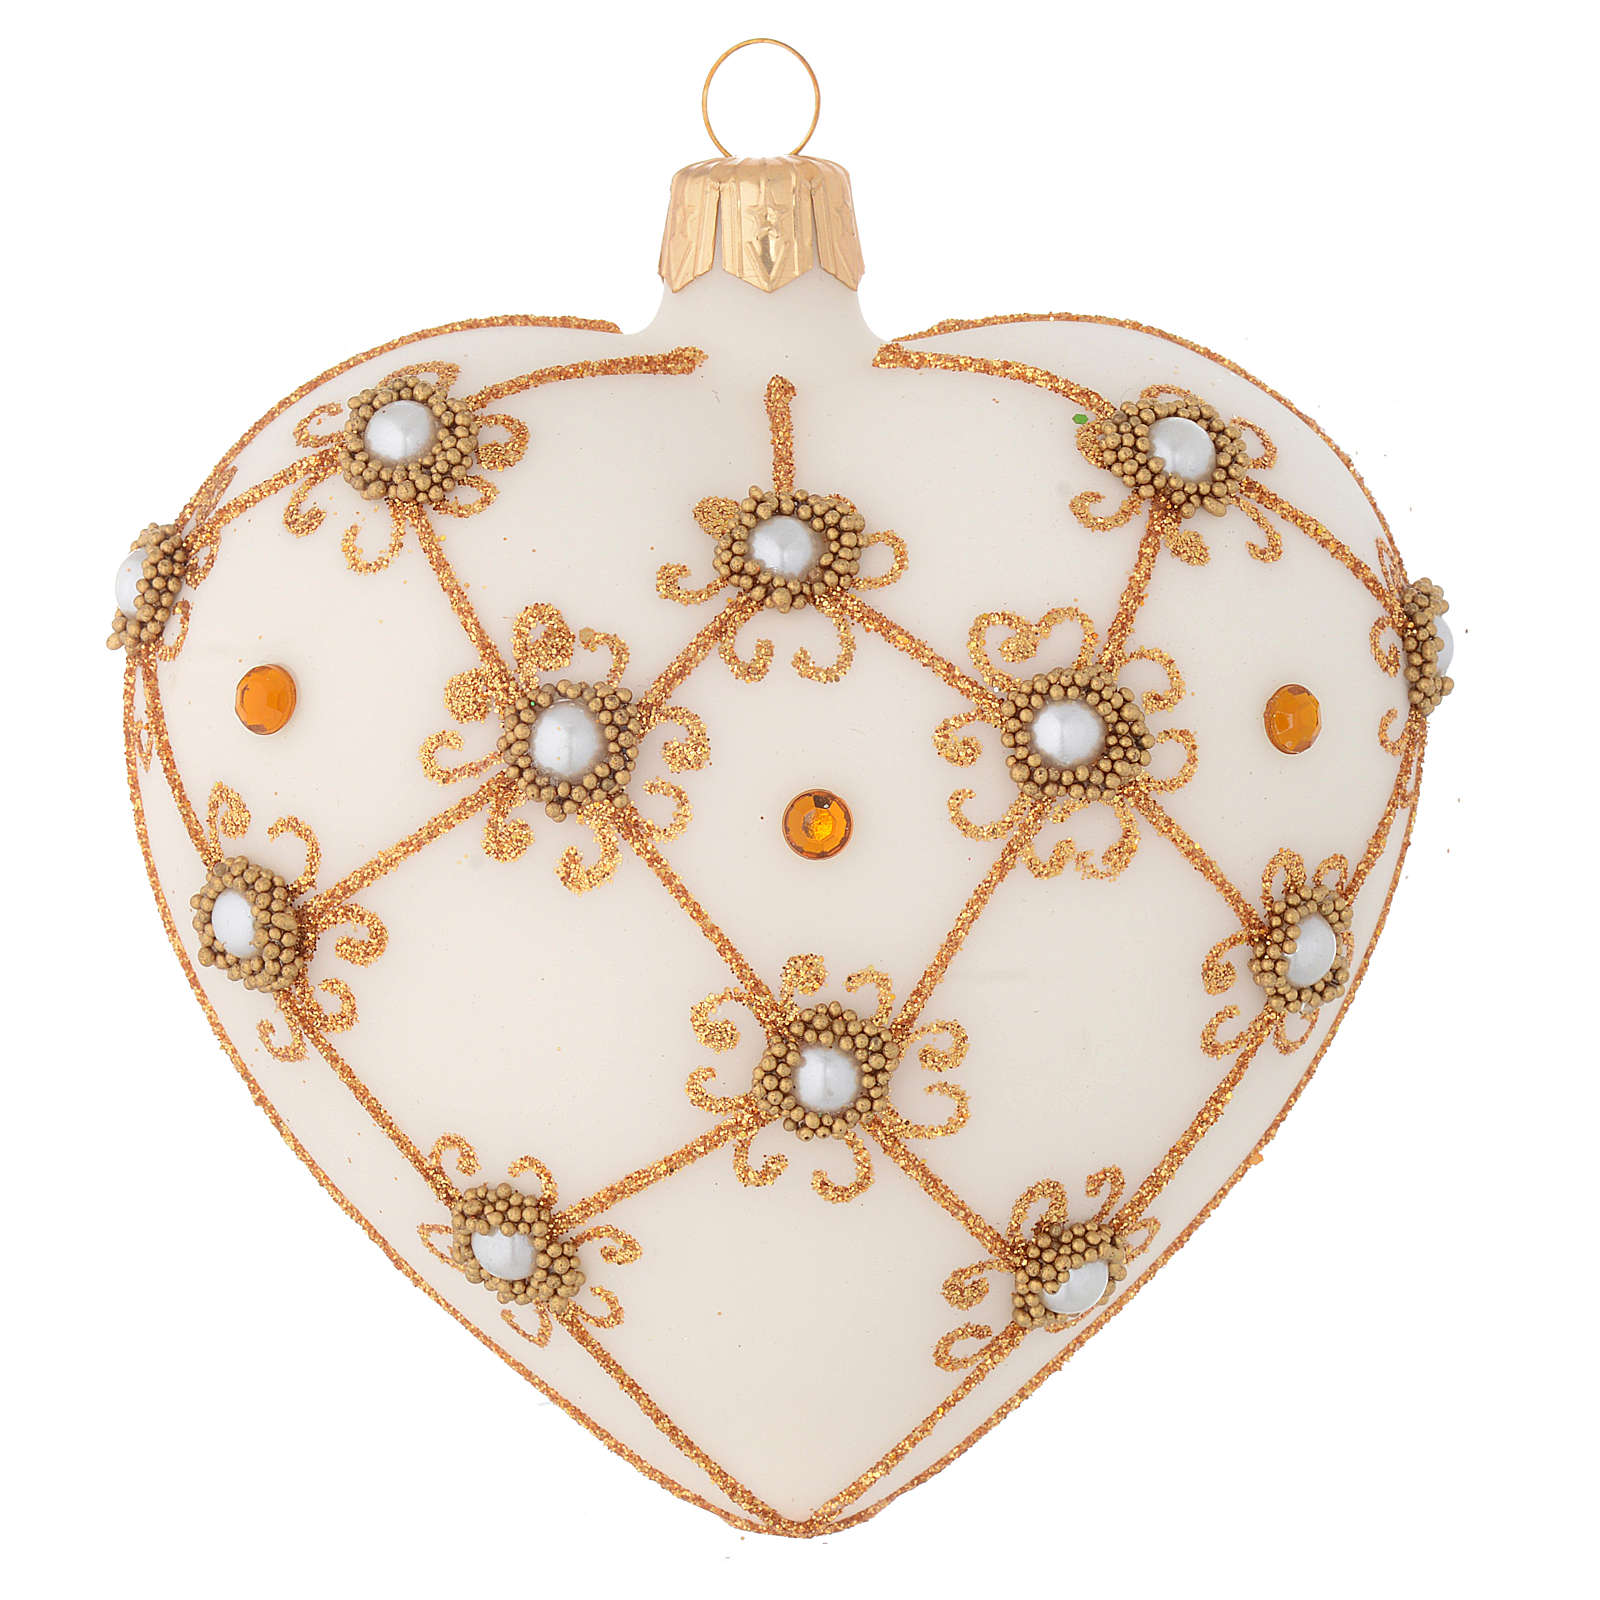 Cuore decorazione Albero Natale avorio e oro 100 mm 4